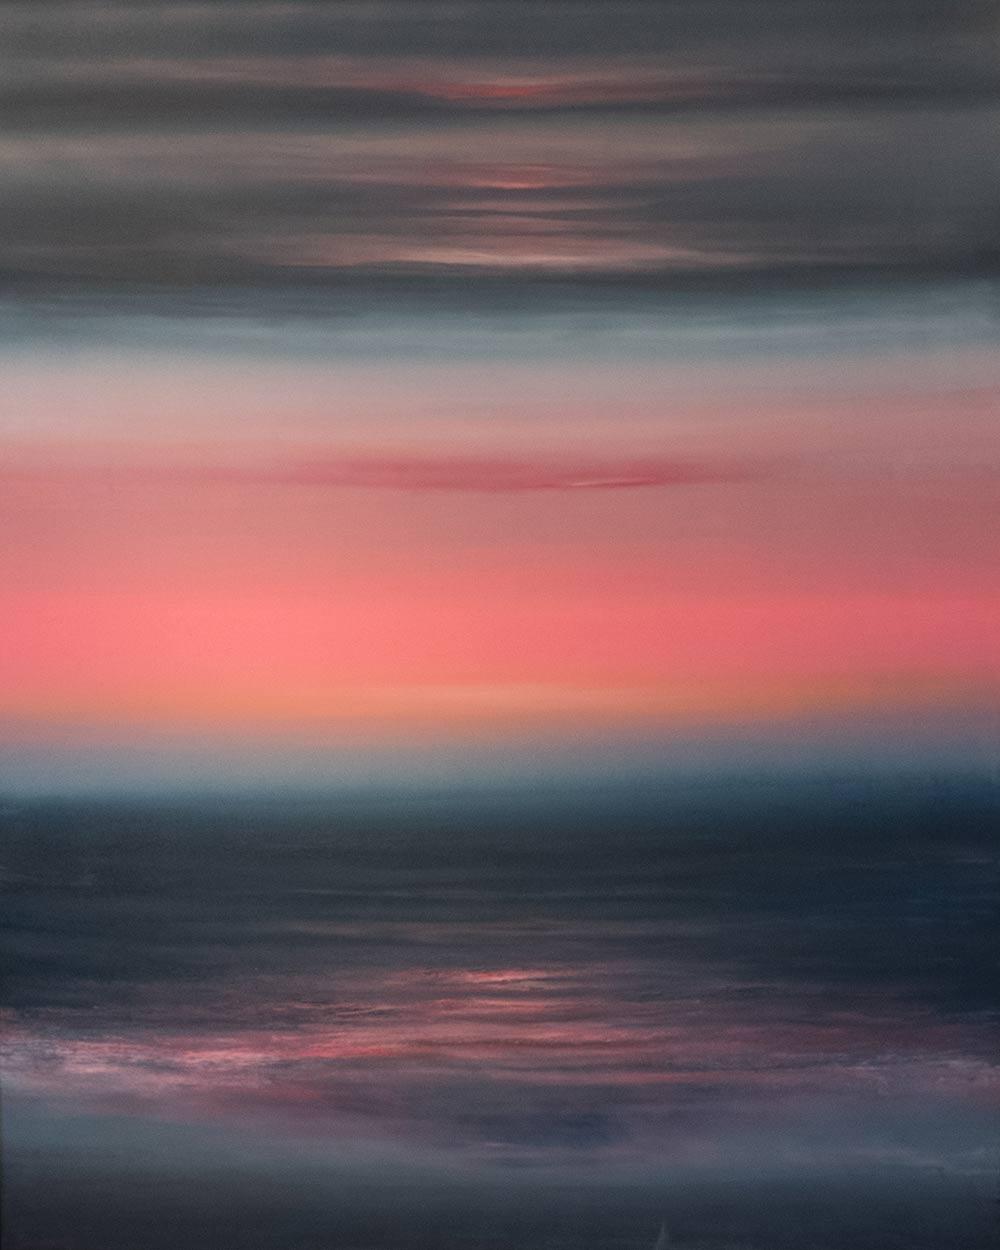 David-Joy-Seascapes-D19-013-68